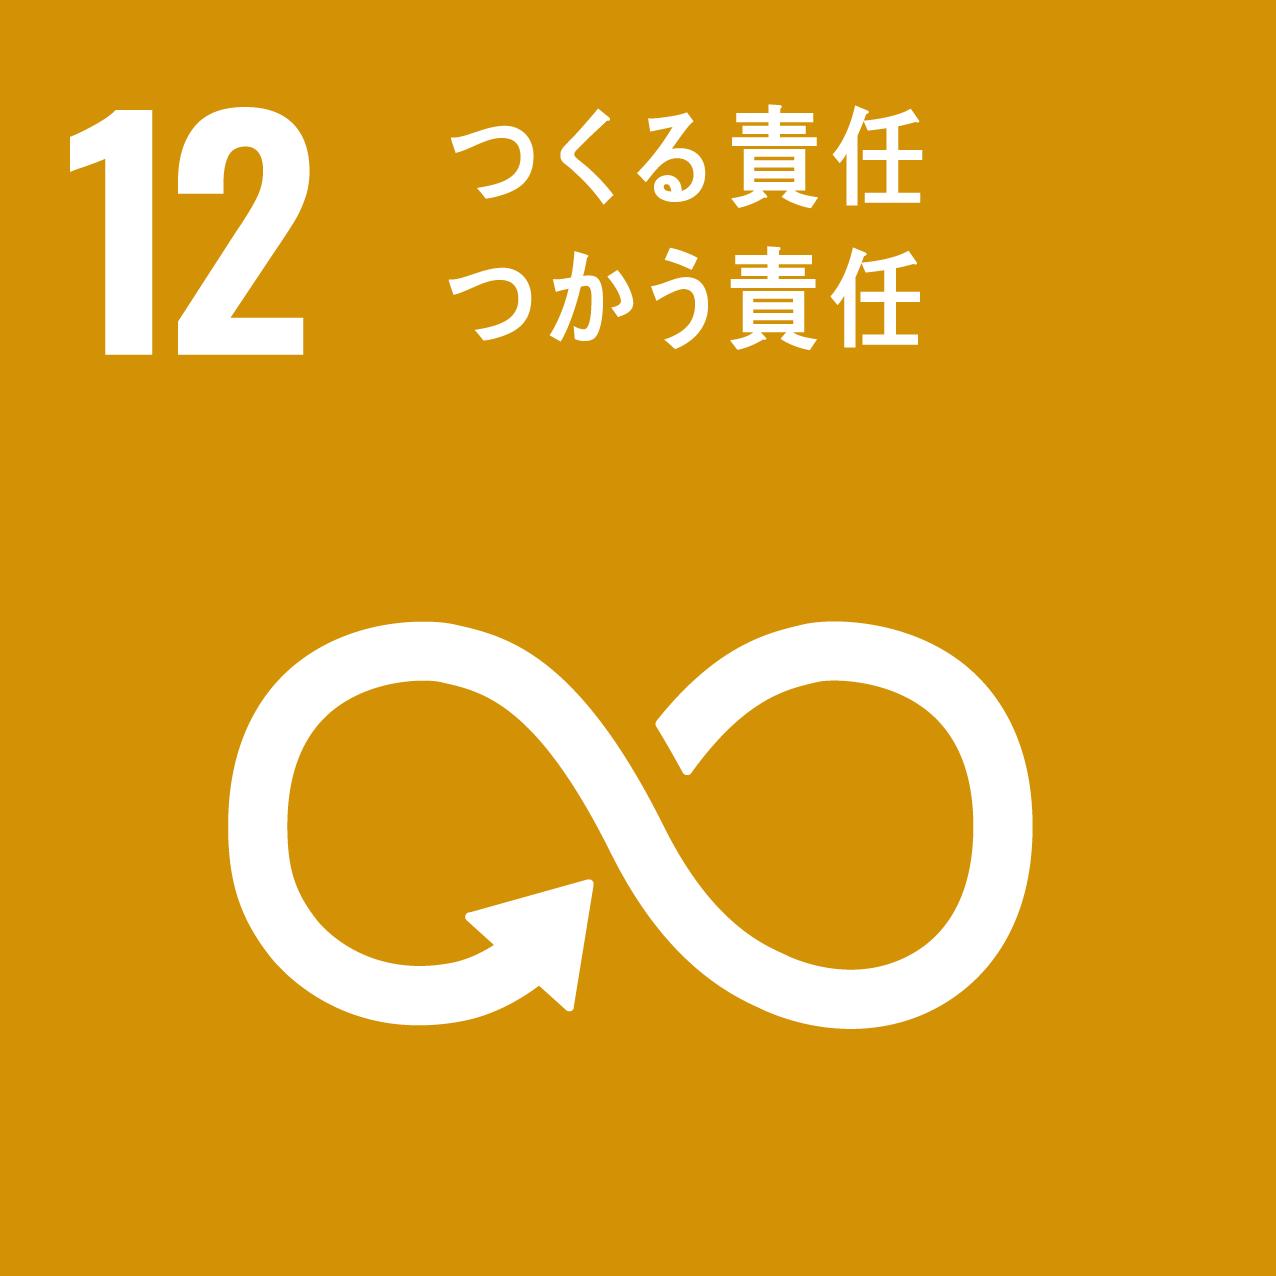 12.つくる責任つかう責任